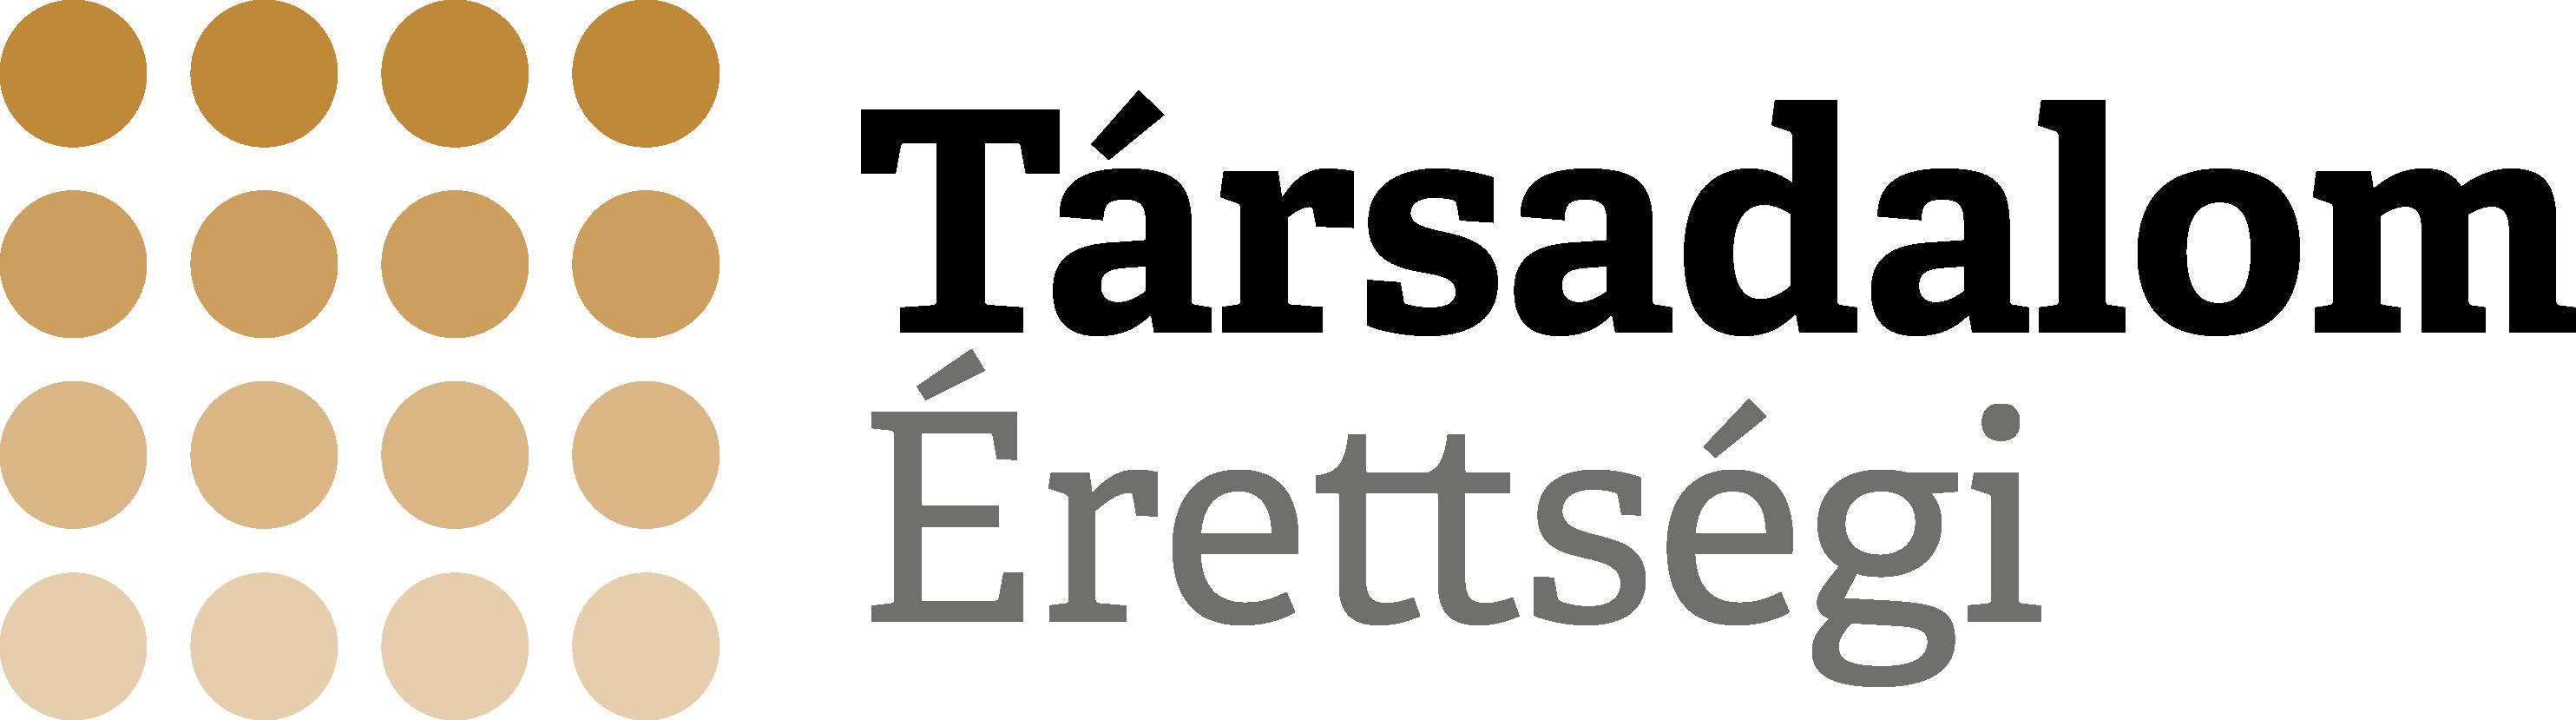 Tarsadalom Erettsegi logo